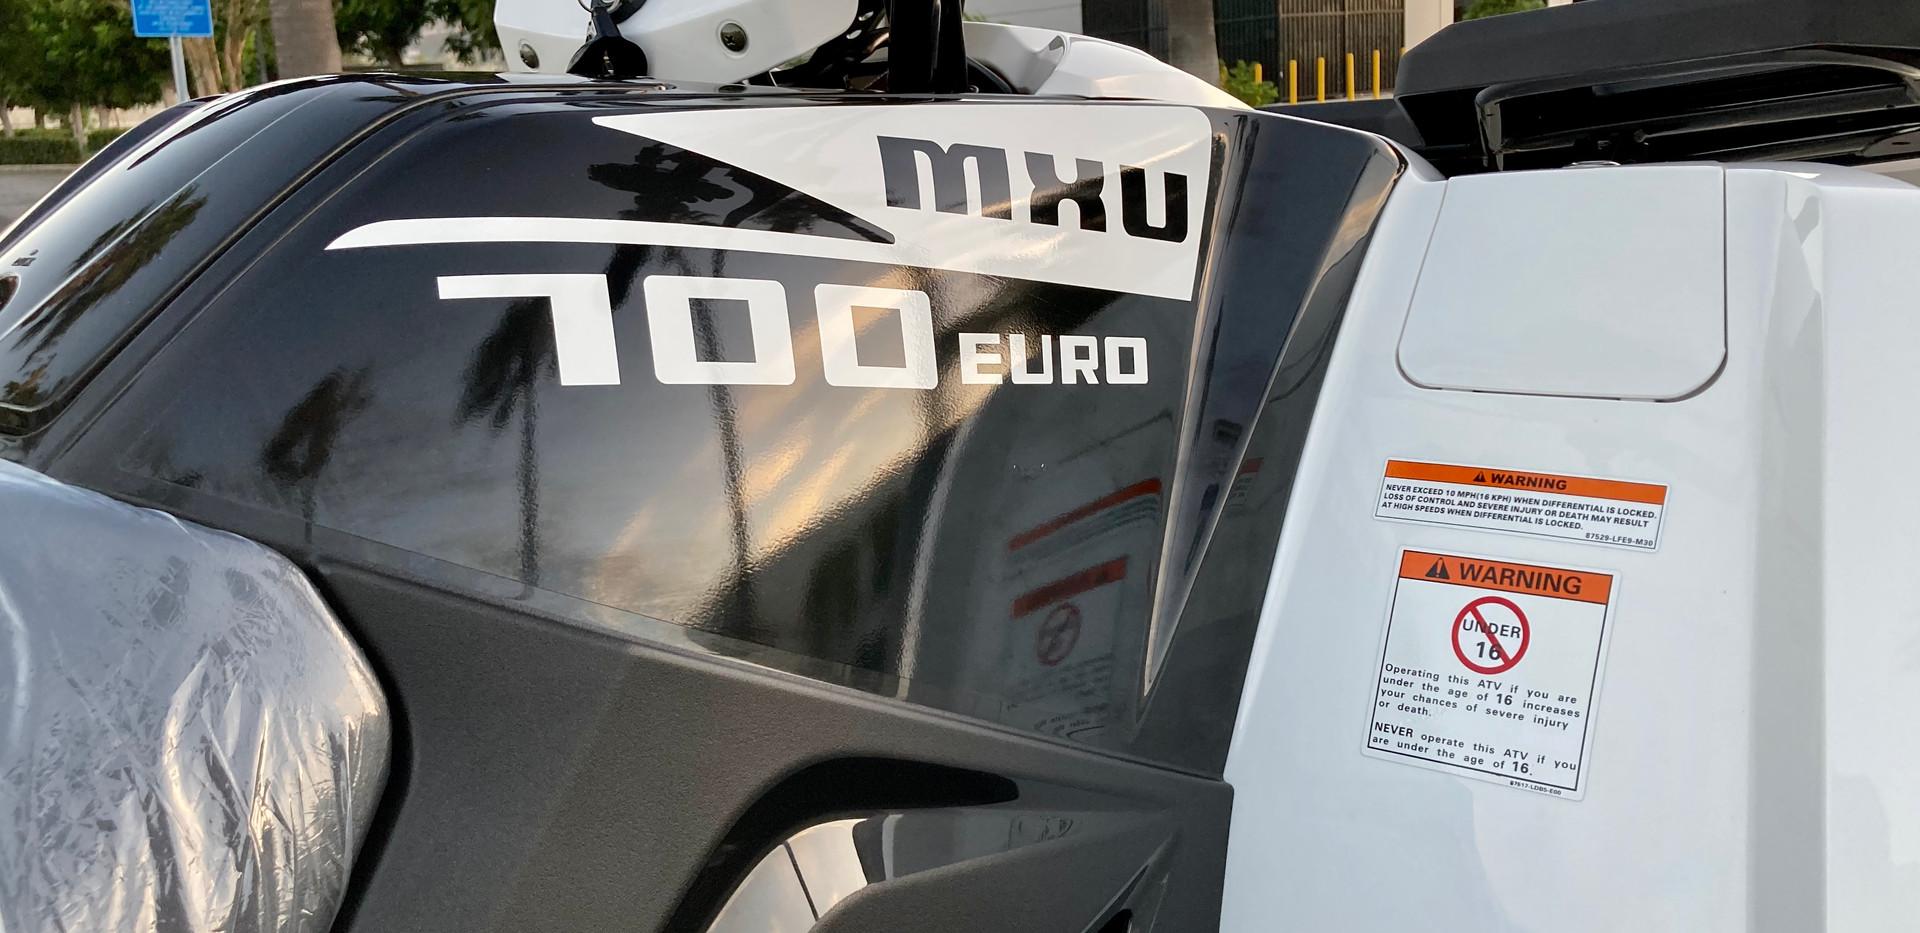 2020 Kymco MXU 700 Euro (10).JPG